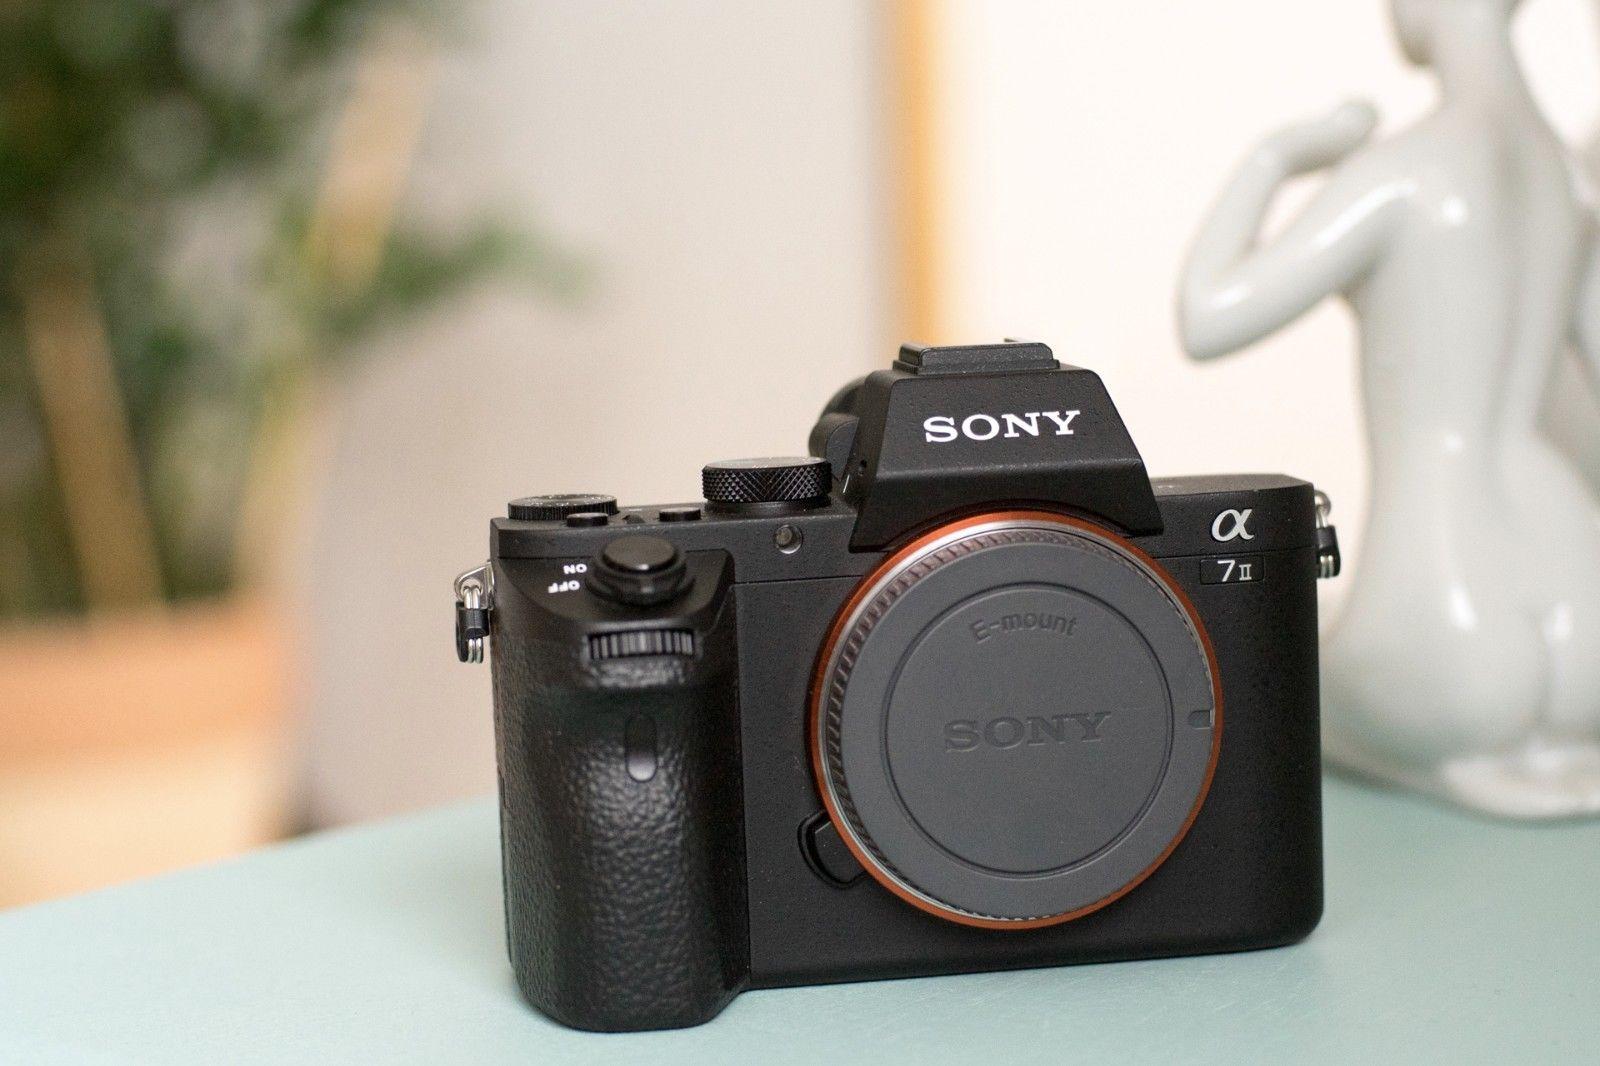 Sony Alpha ILCE-7M2 24.3 MP - Nur Gehäuse, neuwertig, OVP, a7ii, a7 Mark II